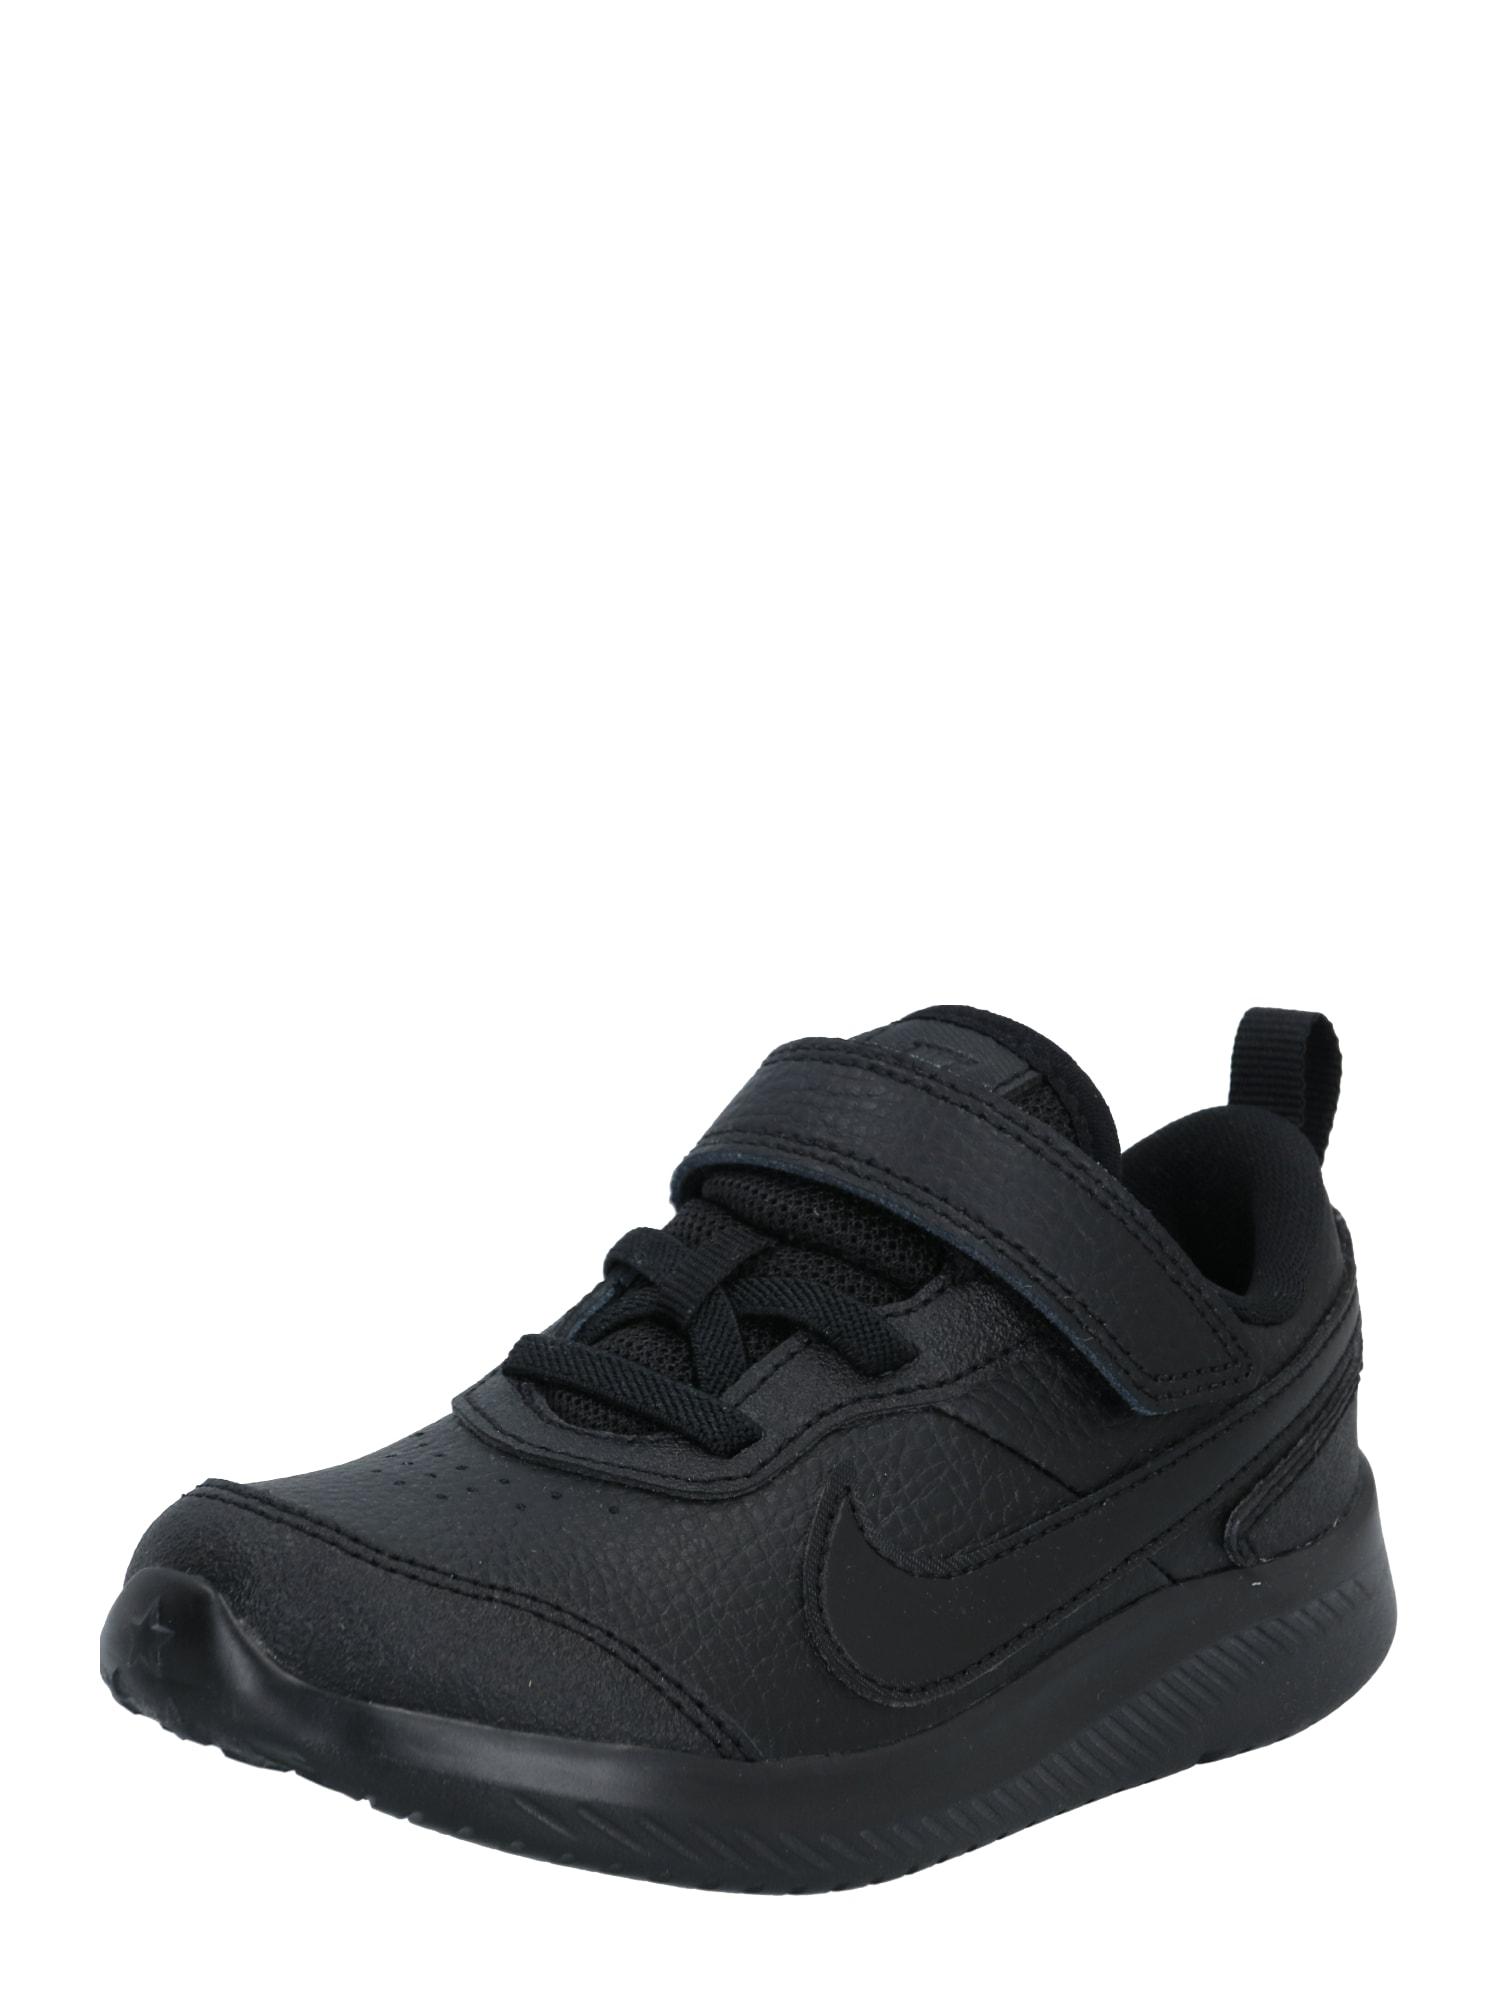 NIKE Sportiniai batai ' Varsity' juoda